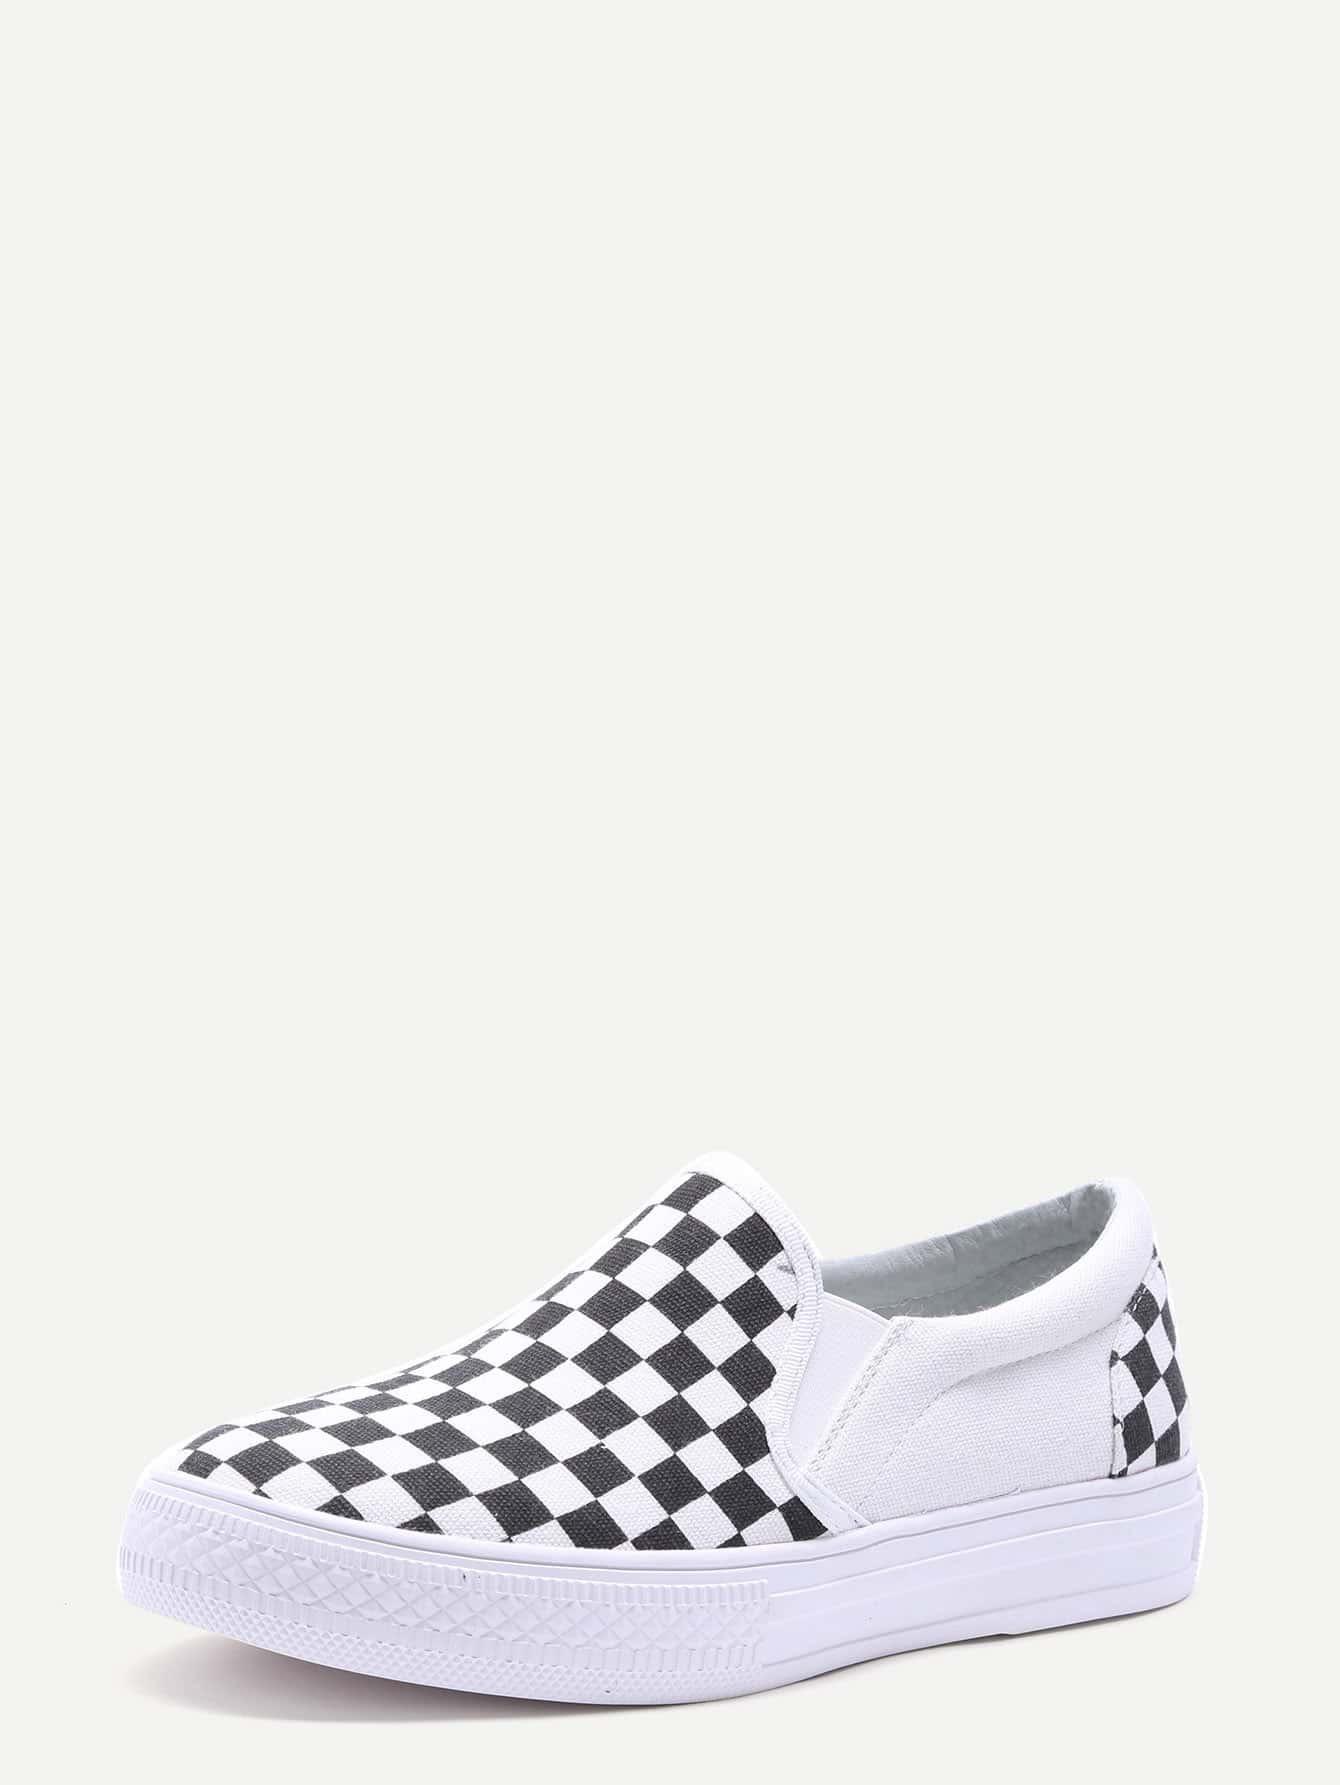 shoes161209807_2